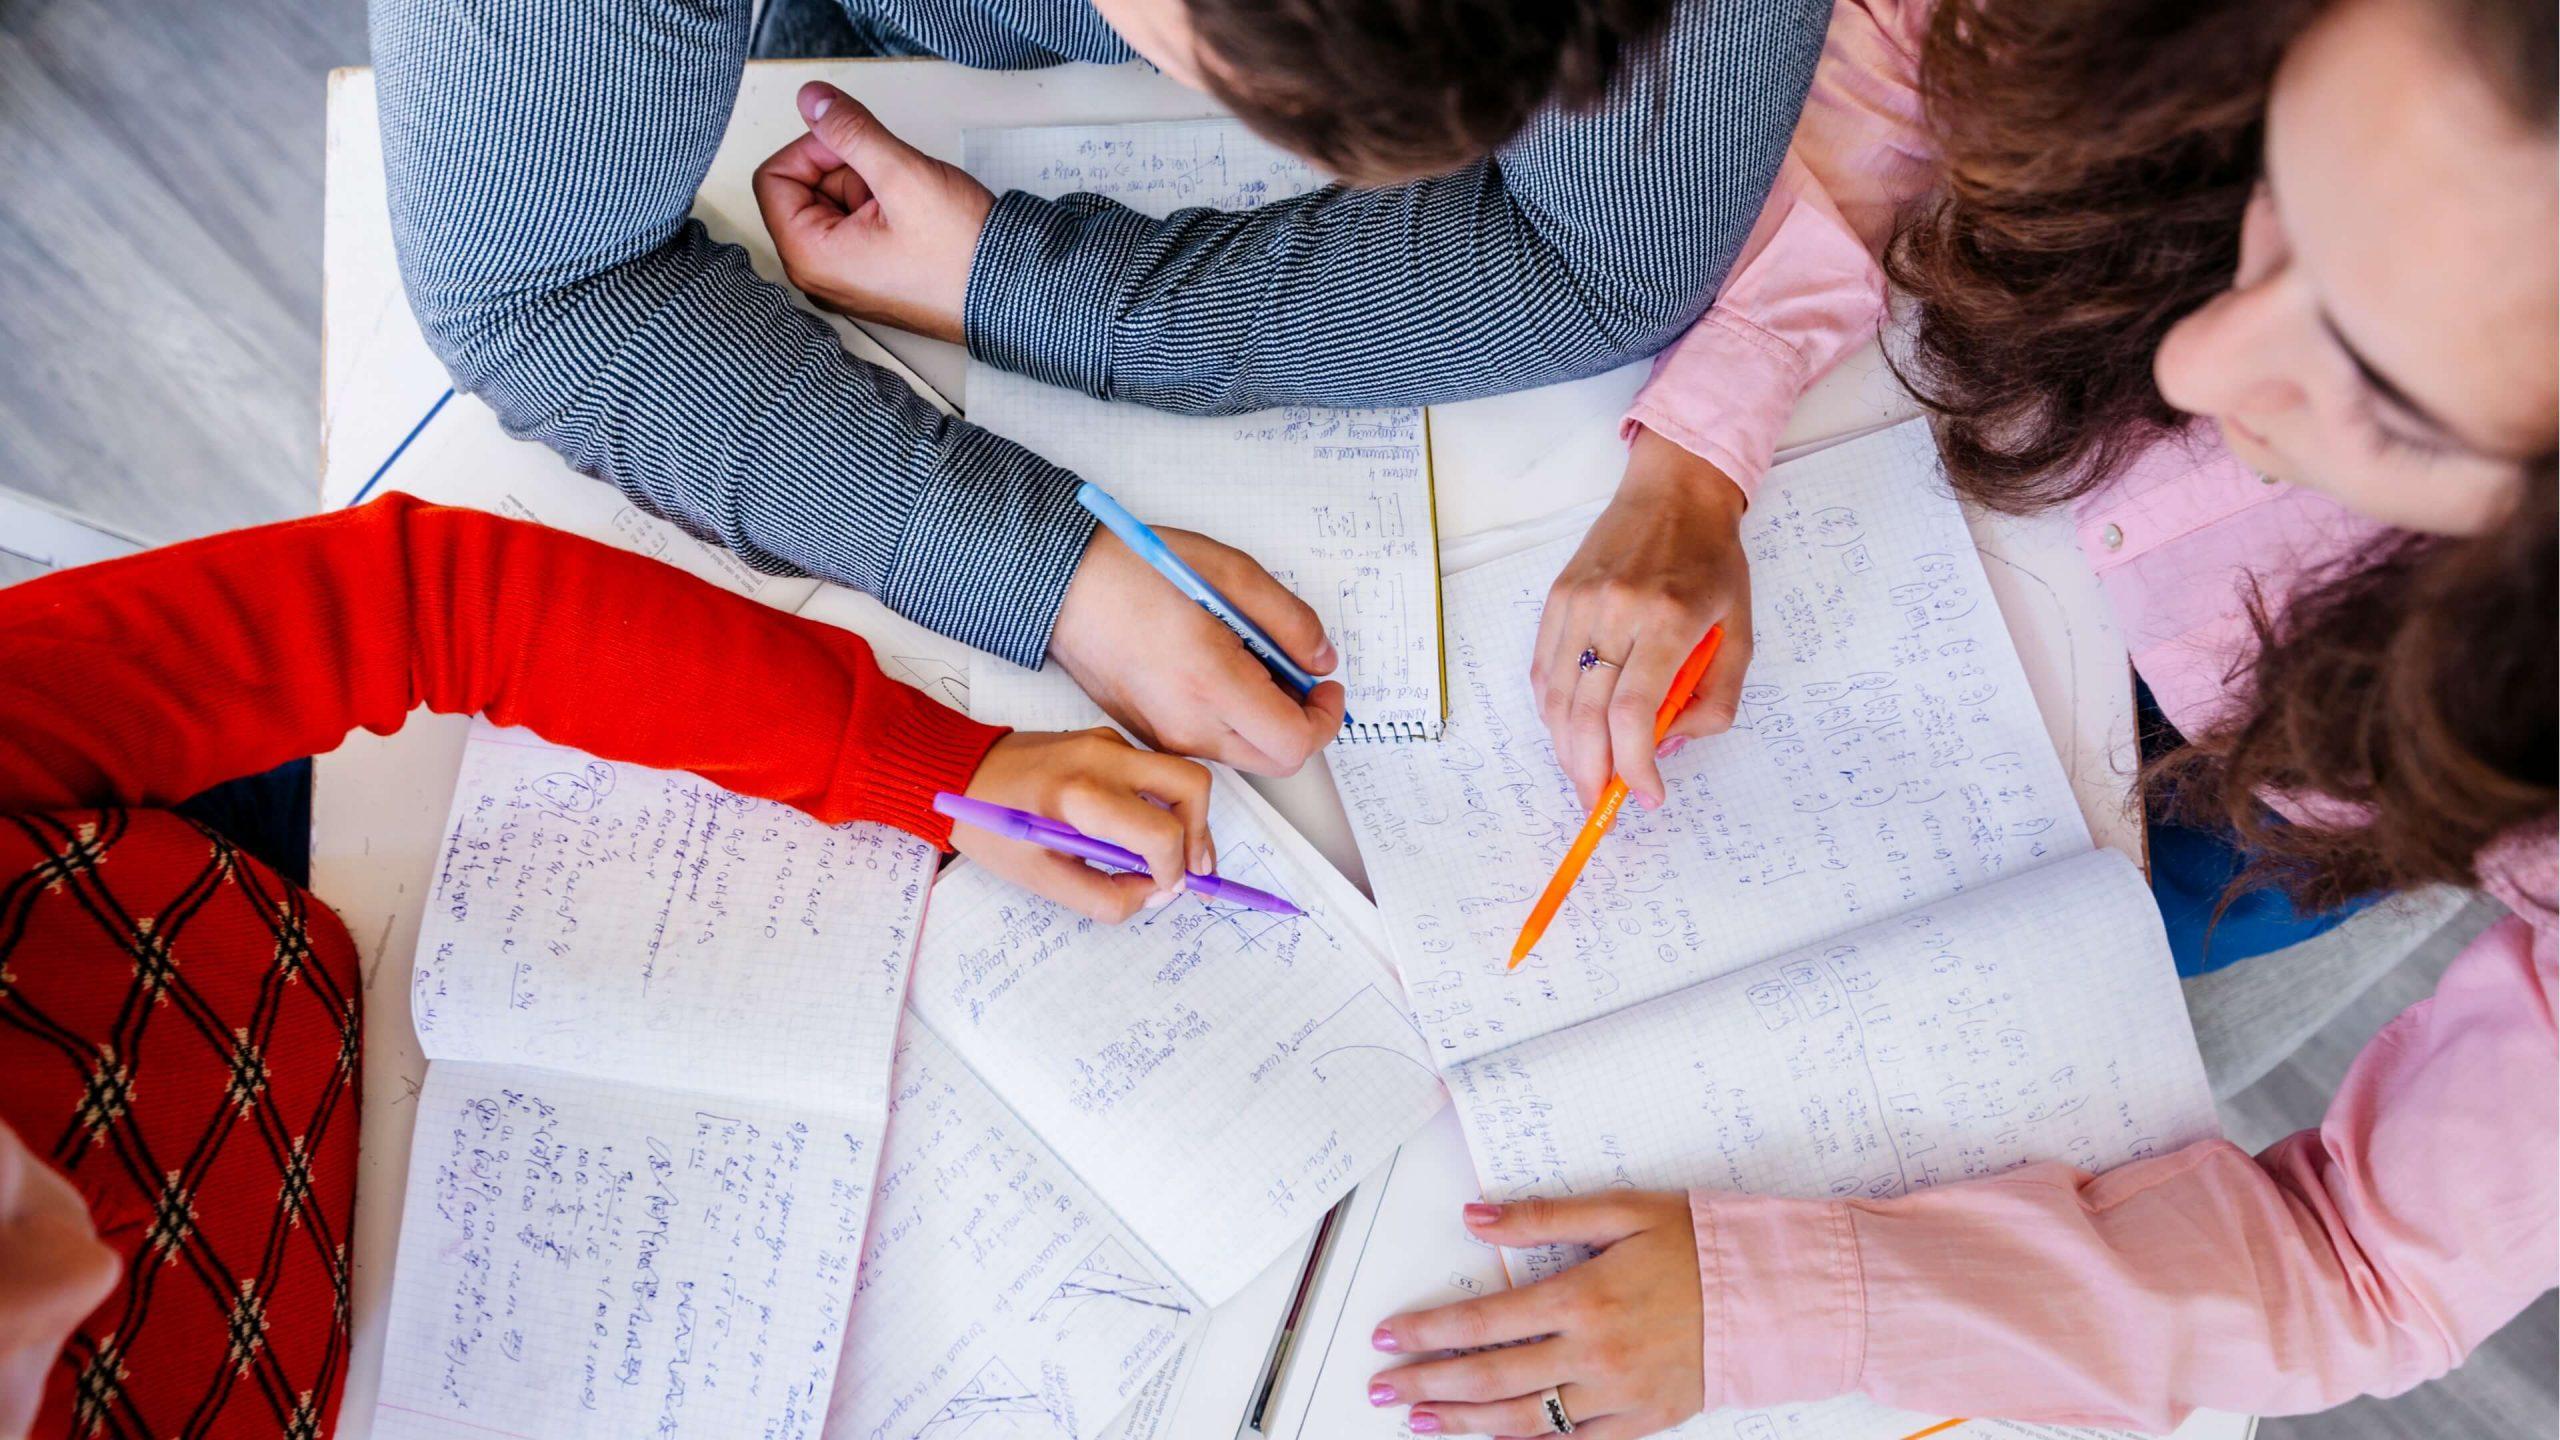 organizing study group 4k